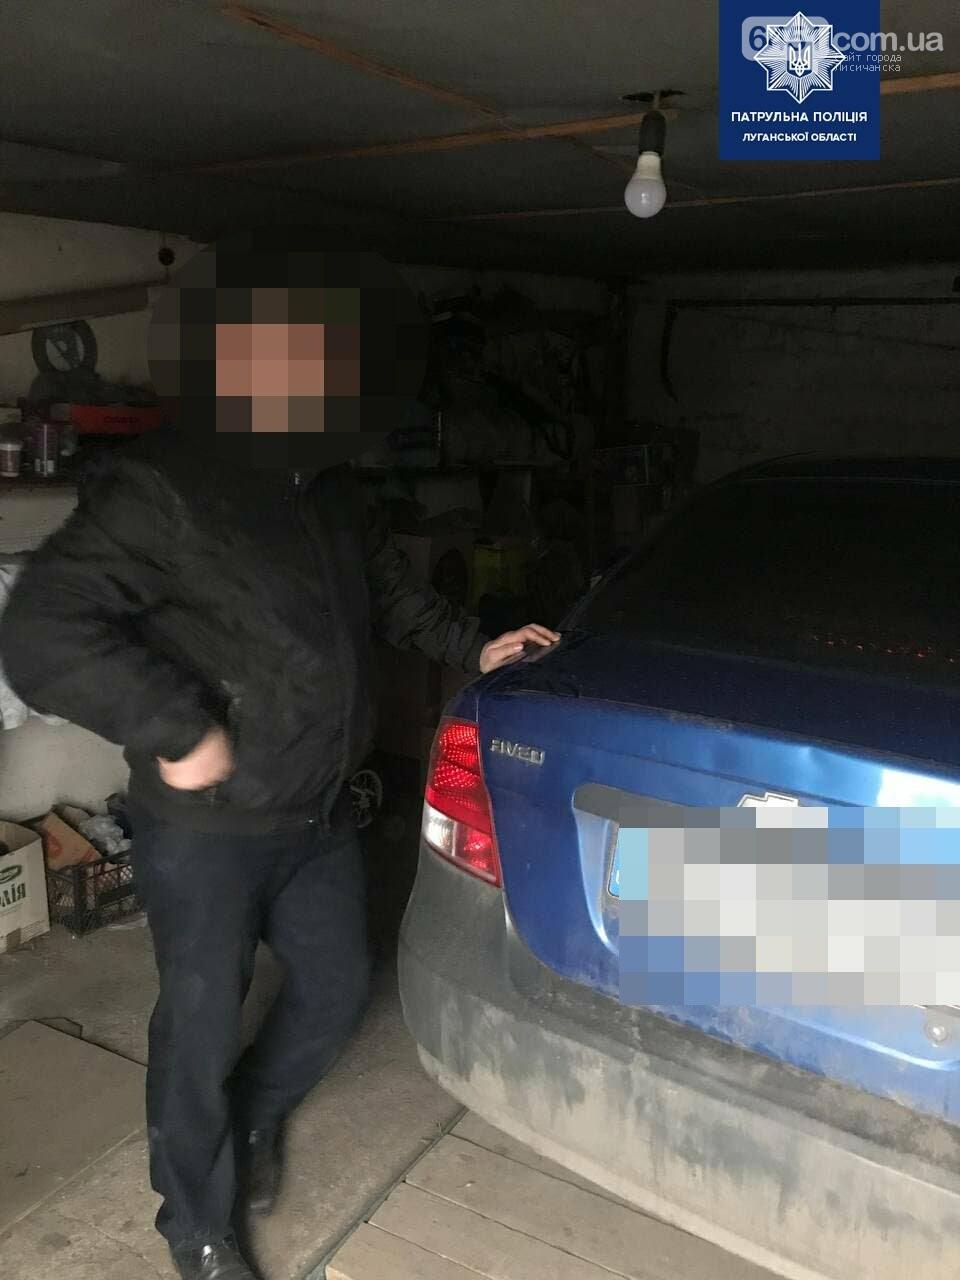 В Приволье полиция разыскала водителя, сбившего велосипедиста, фото-2